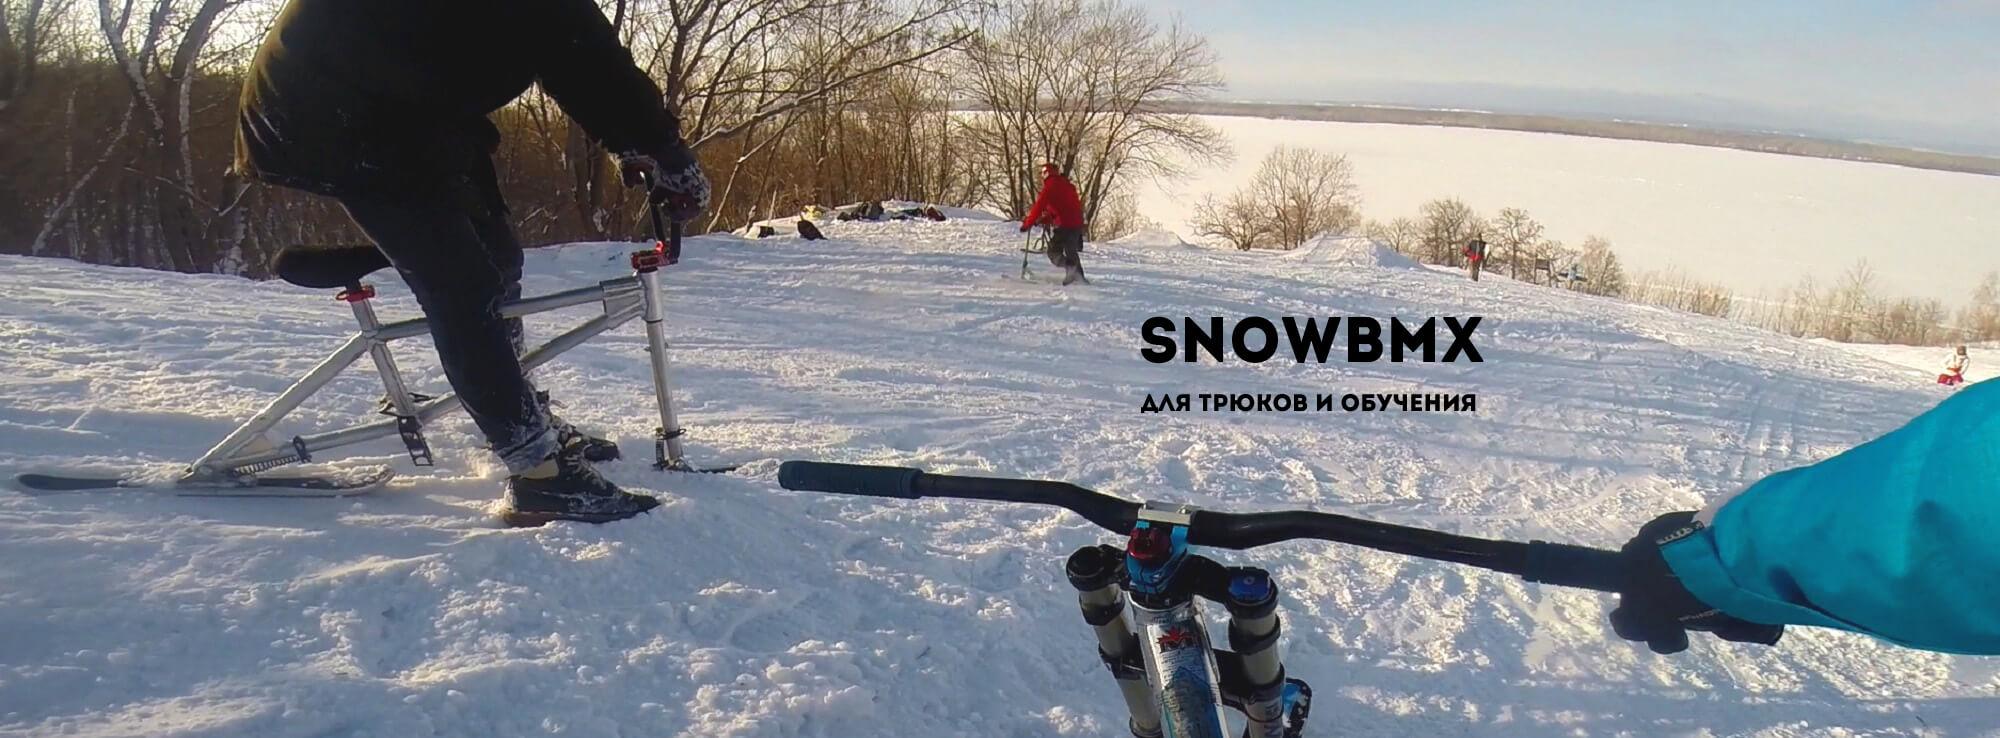 SnowBMX_2_min